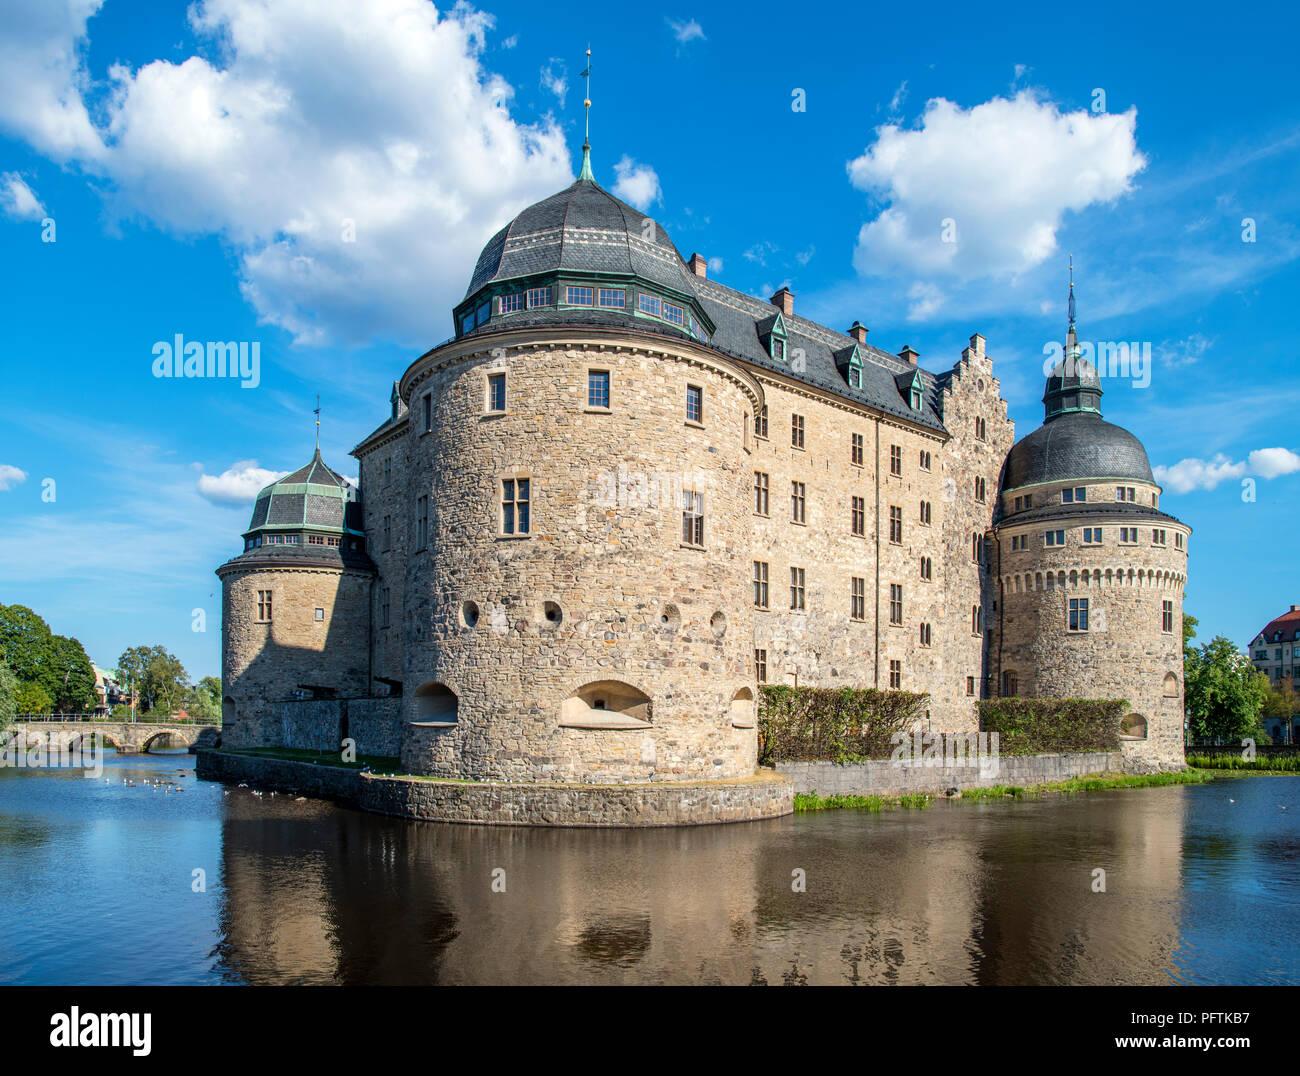 Schloss Örebro, eine mittelalterliche Festung in der Mitte des Flusses Svartån, Örebro, Närke, Schweden Stockbild